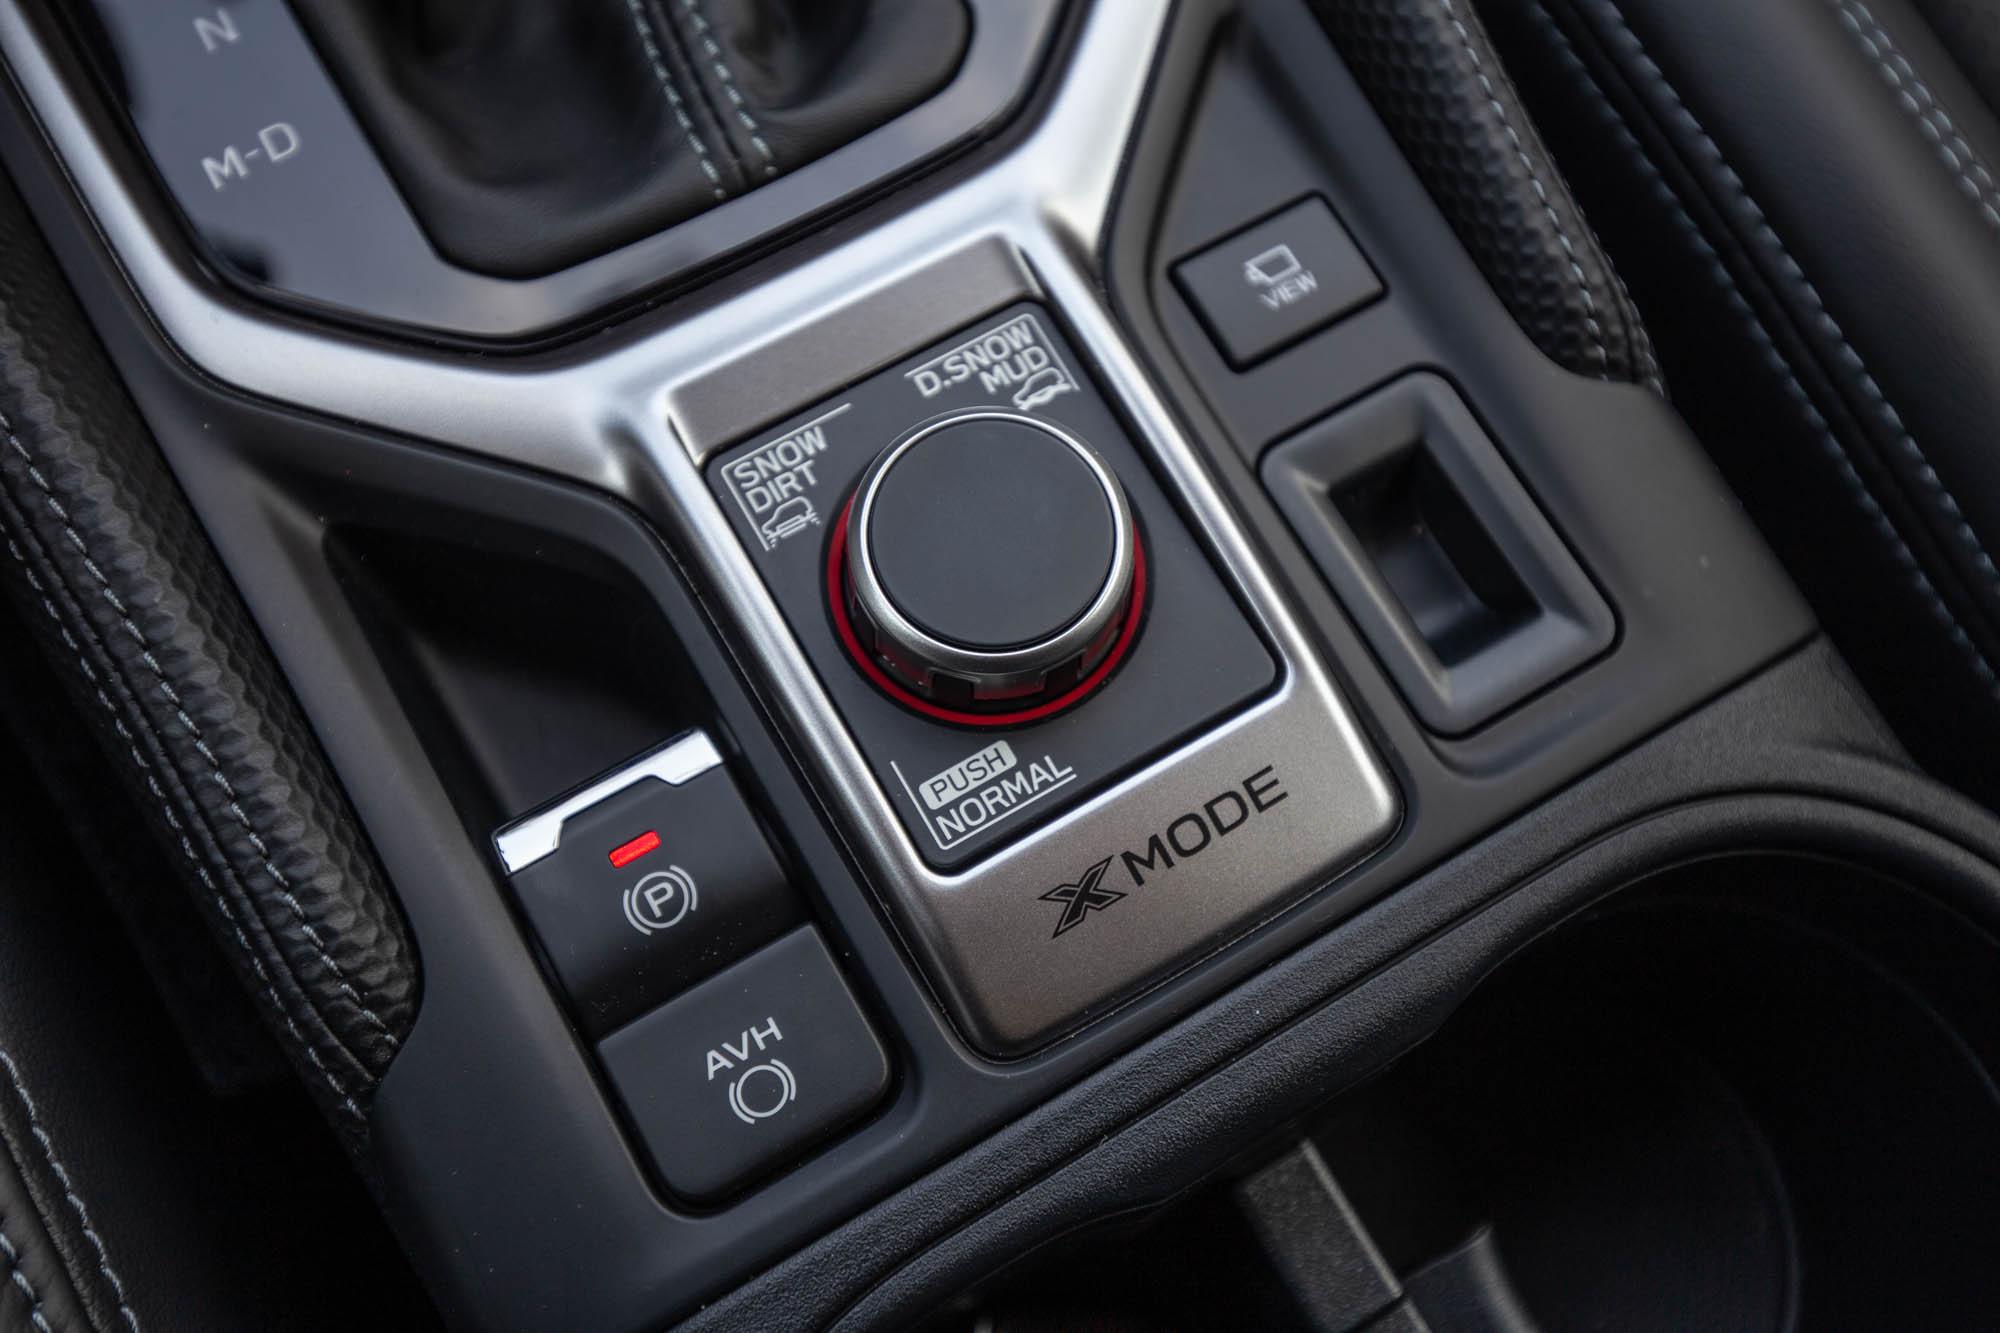 X-MODE 雙模式脫困科技提供很多元的路面行駛能力。